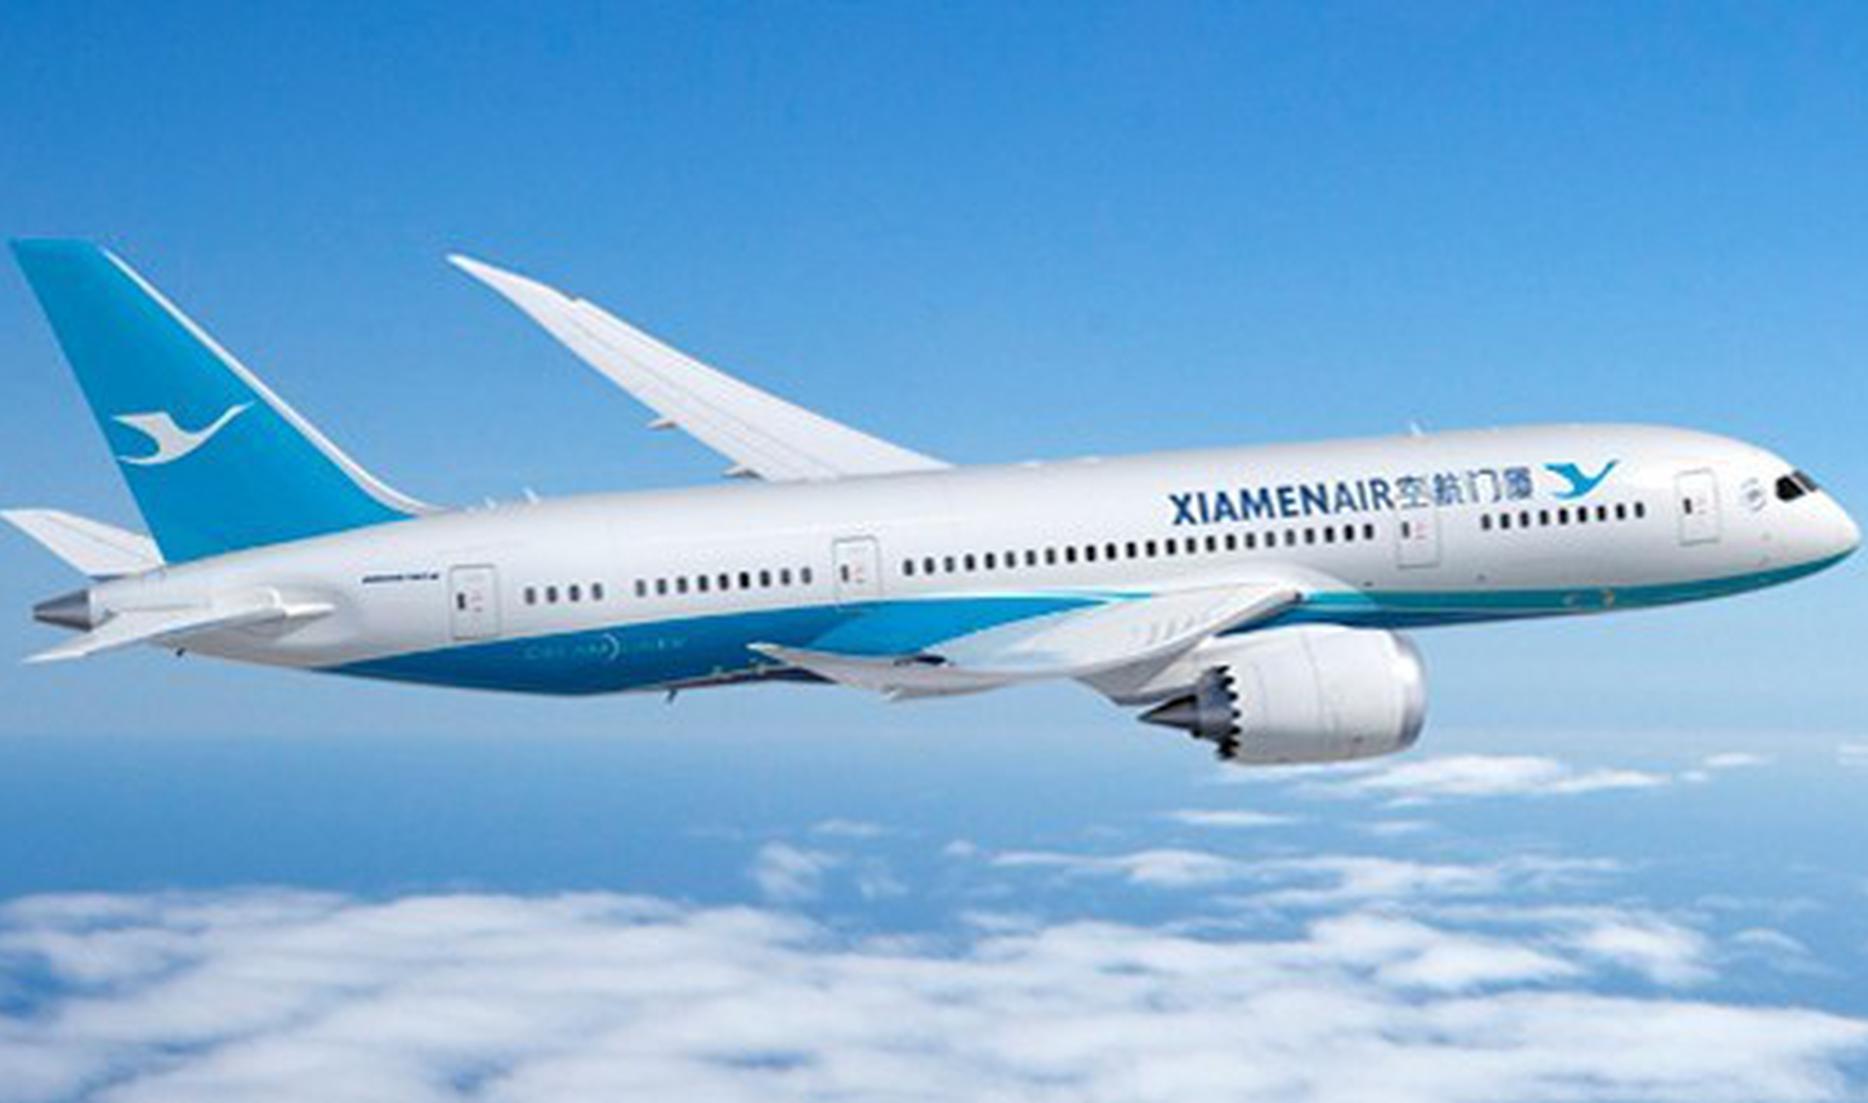 冬春新航季 厦航将新开15条国内外航线